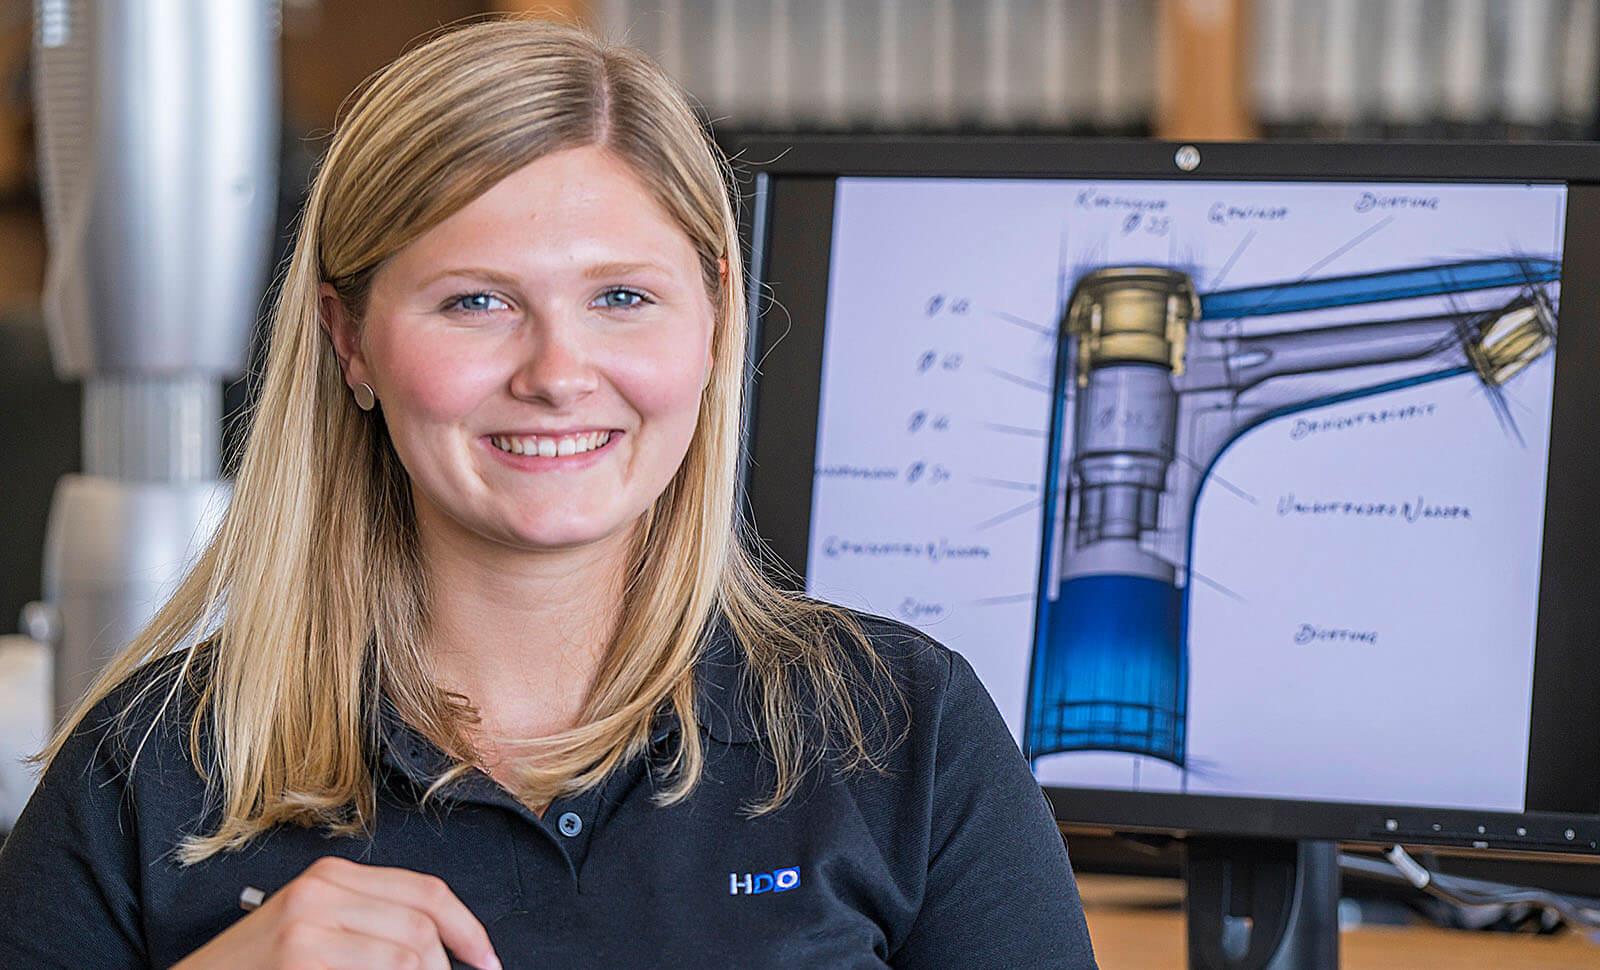 HDO Mitarbeiterin lächelt in die Kamera vor einem Bildschirm